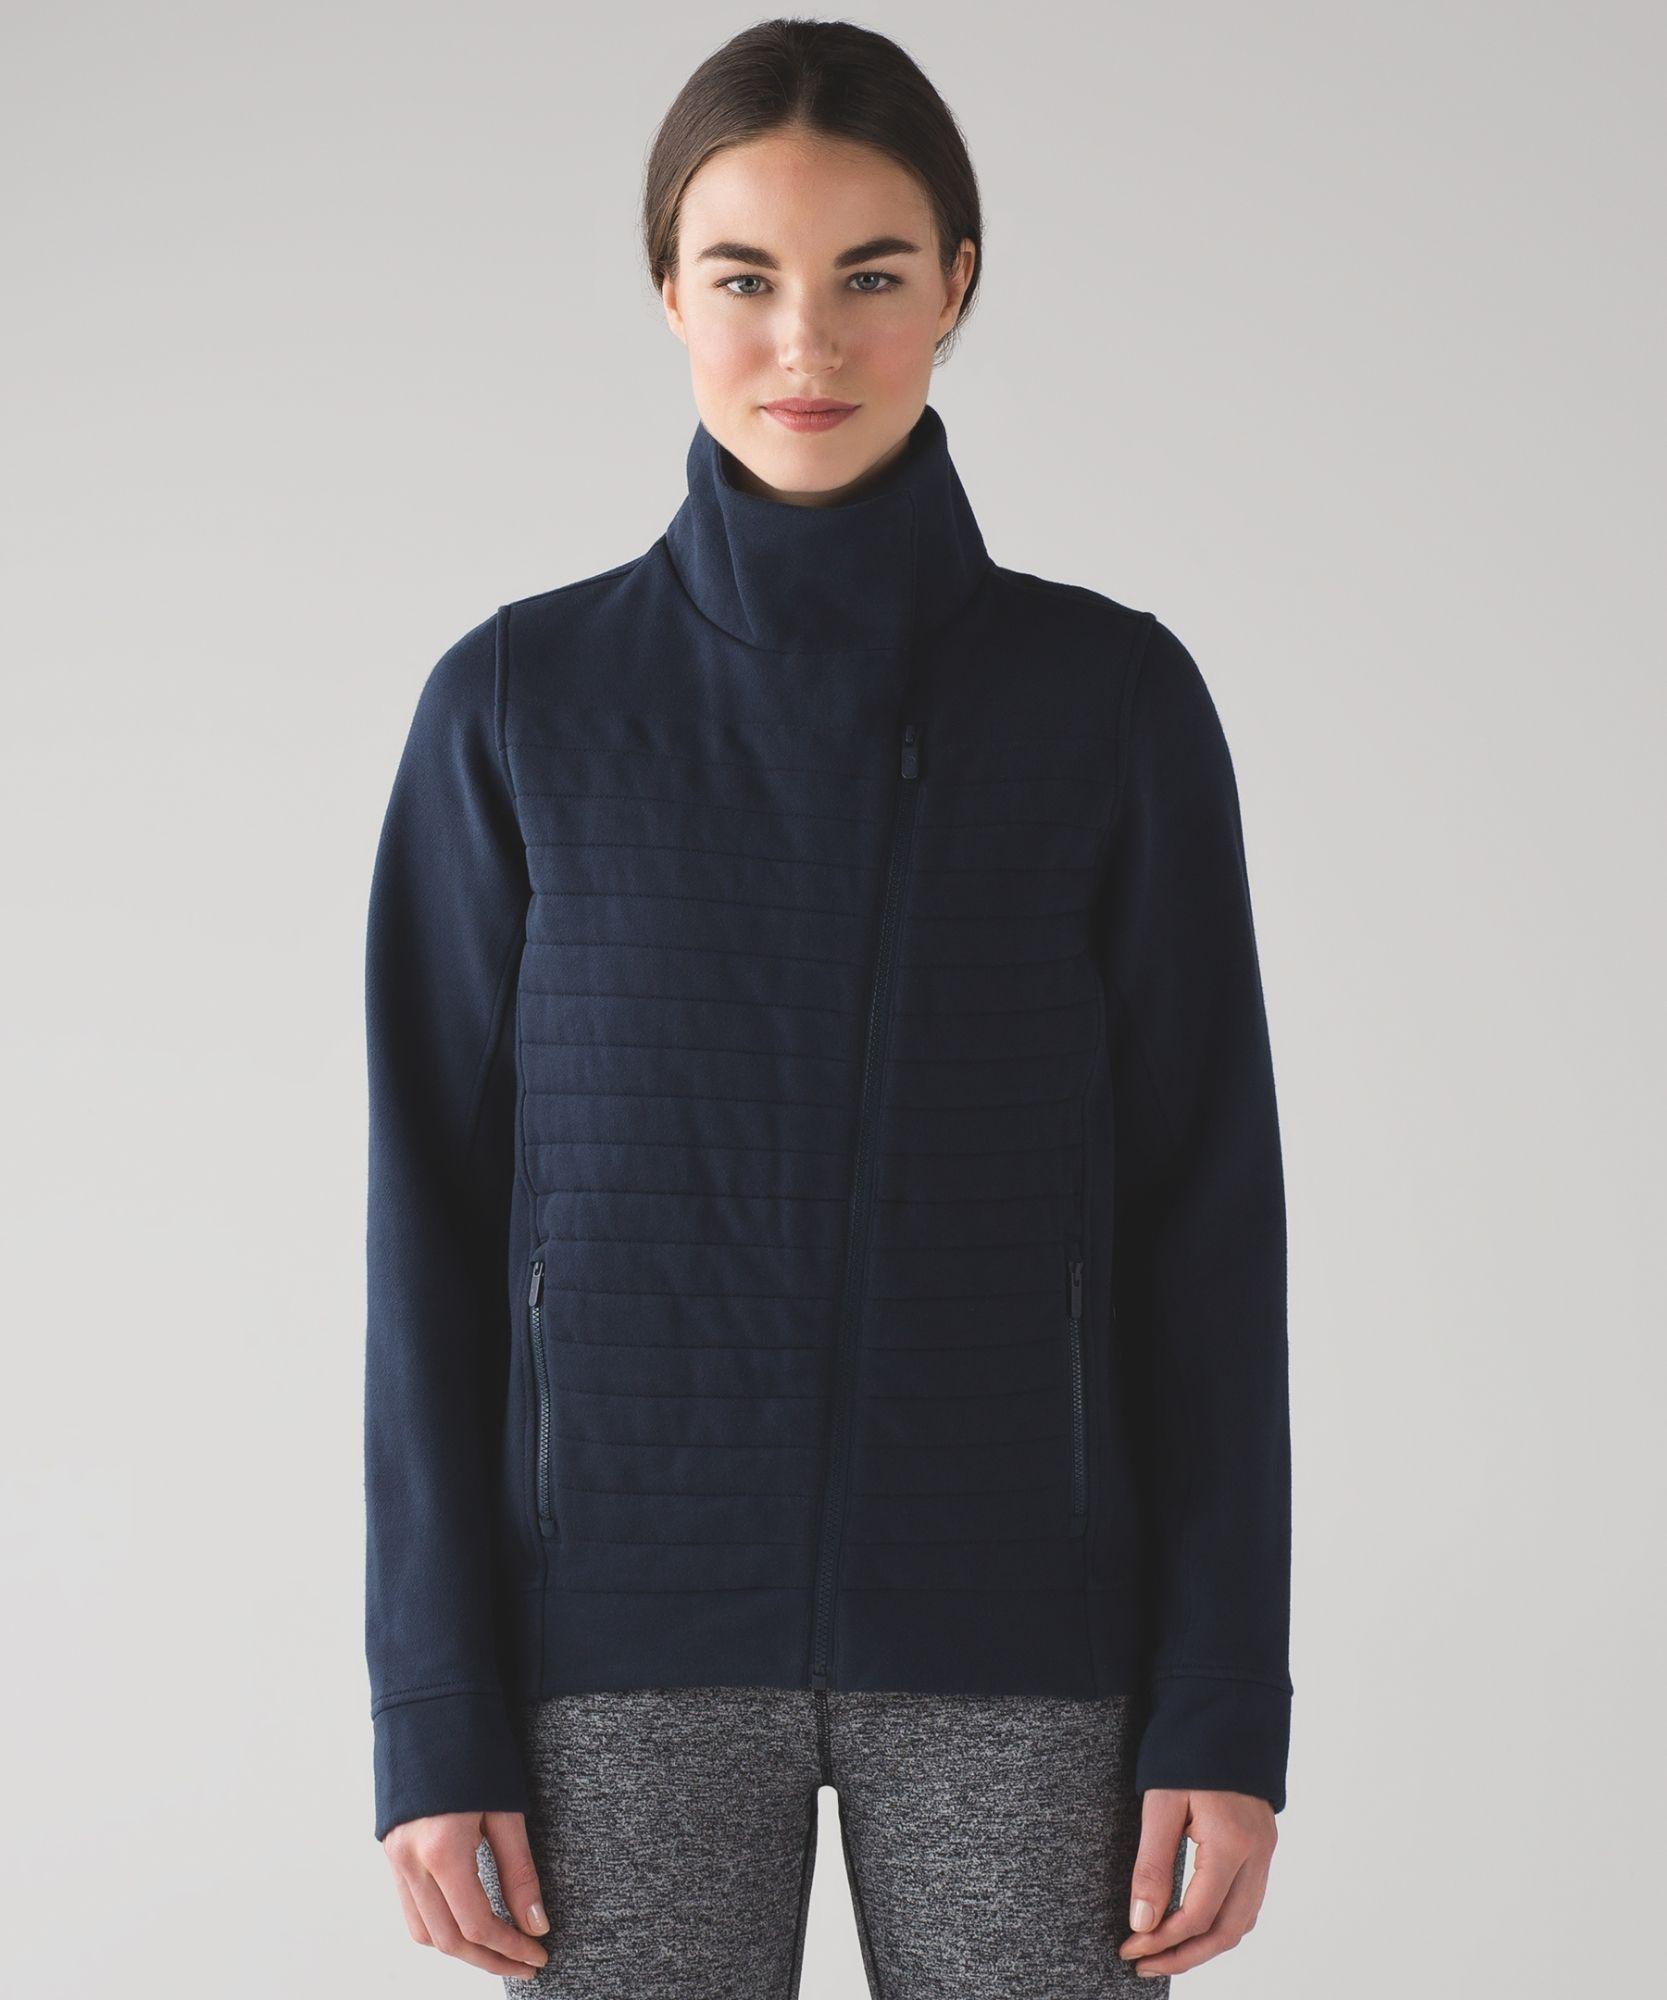 Women's Fleece Jacket - Fleece Be True Jacket - lululemon ...